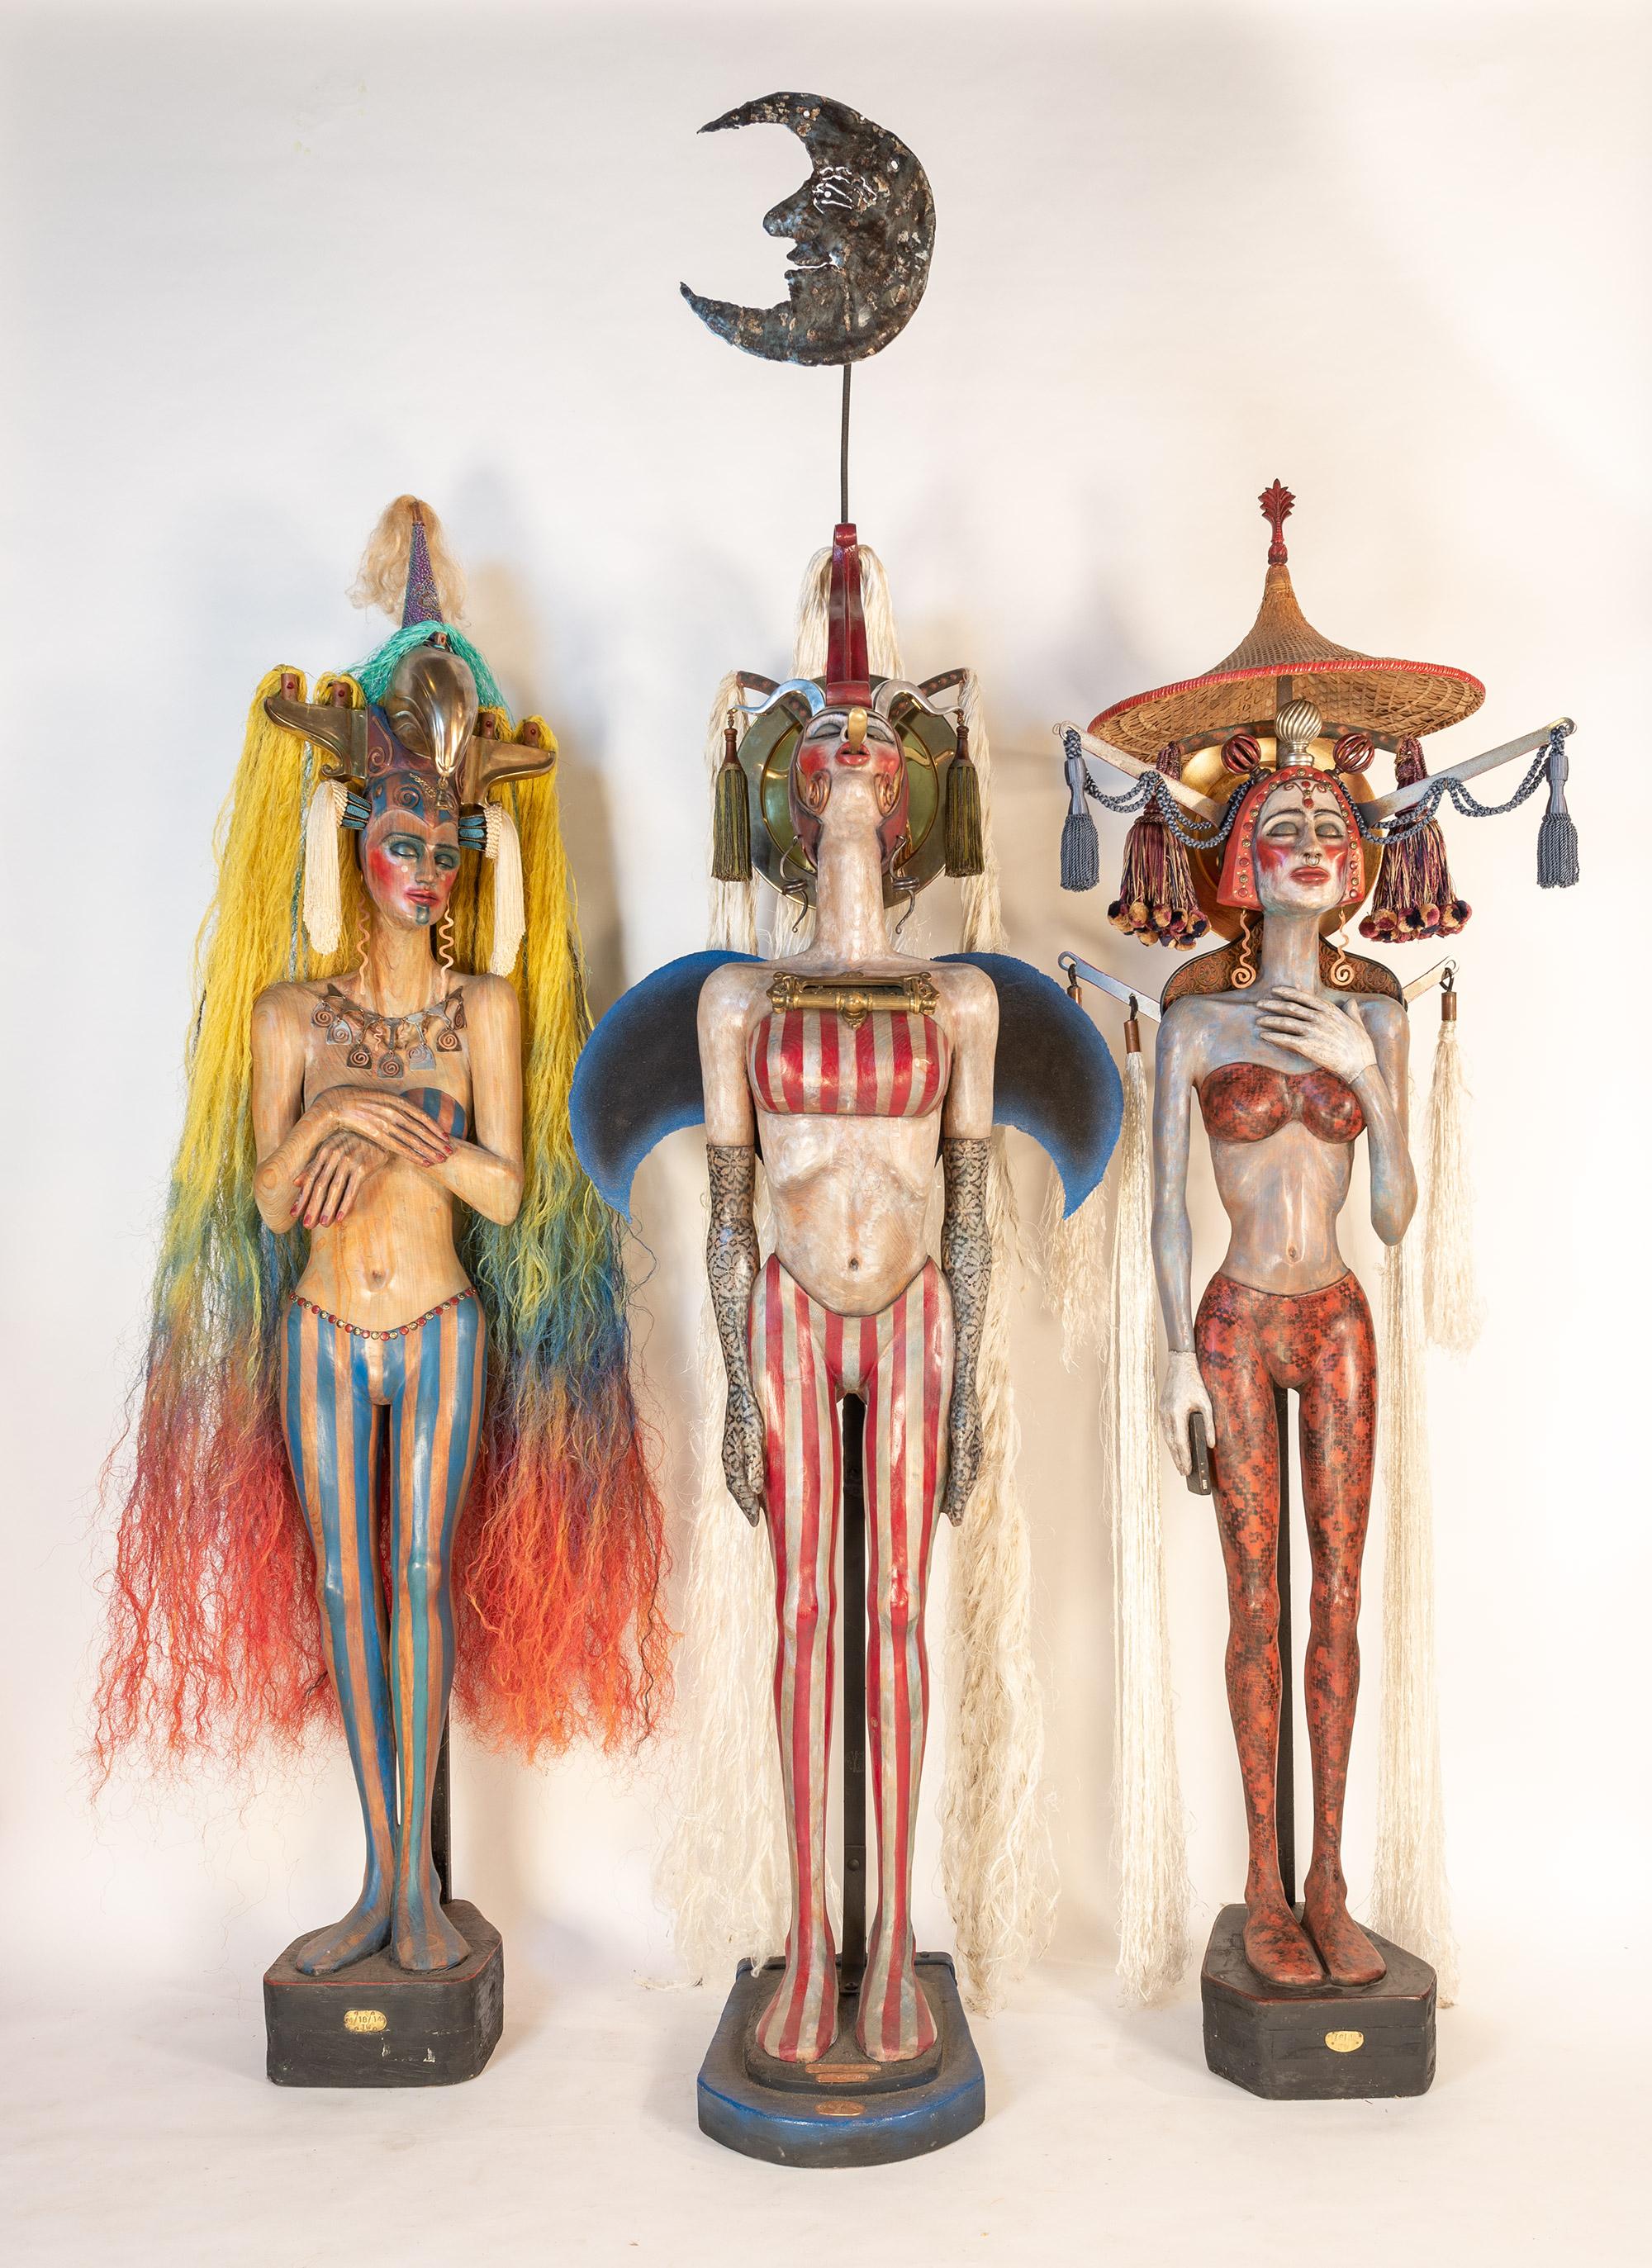 Wennstrom-Sculptures-01-AvL#.jpg